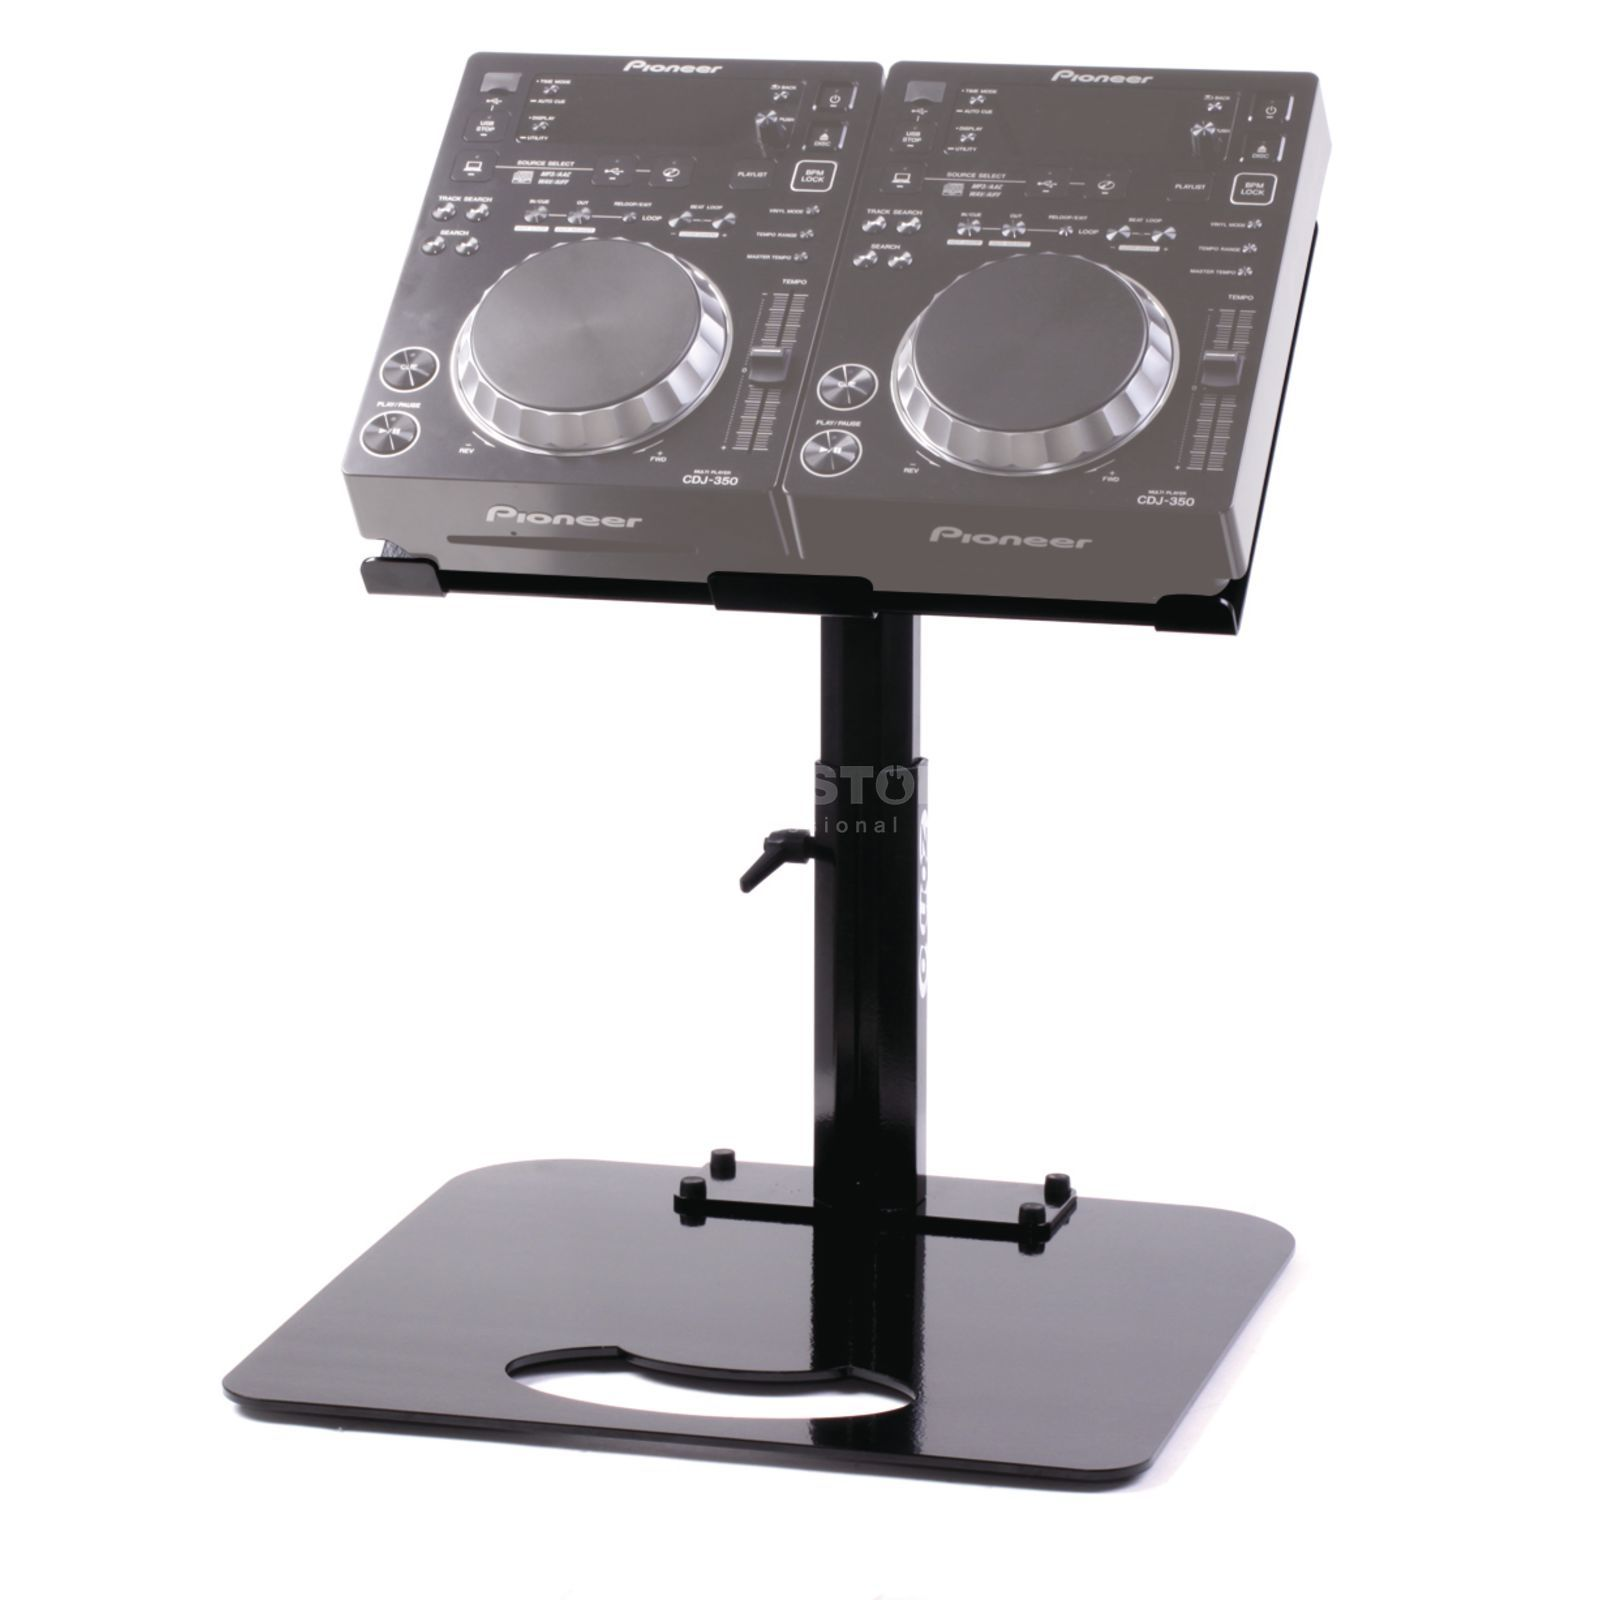 Zomo Pro Stand P 2 Zwart Voor 2x Pioneer Cdj